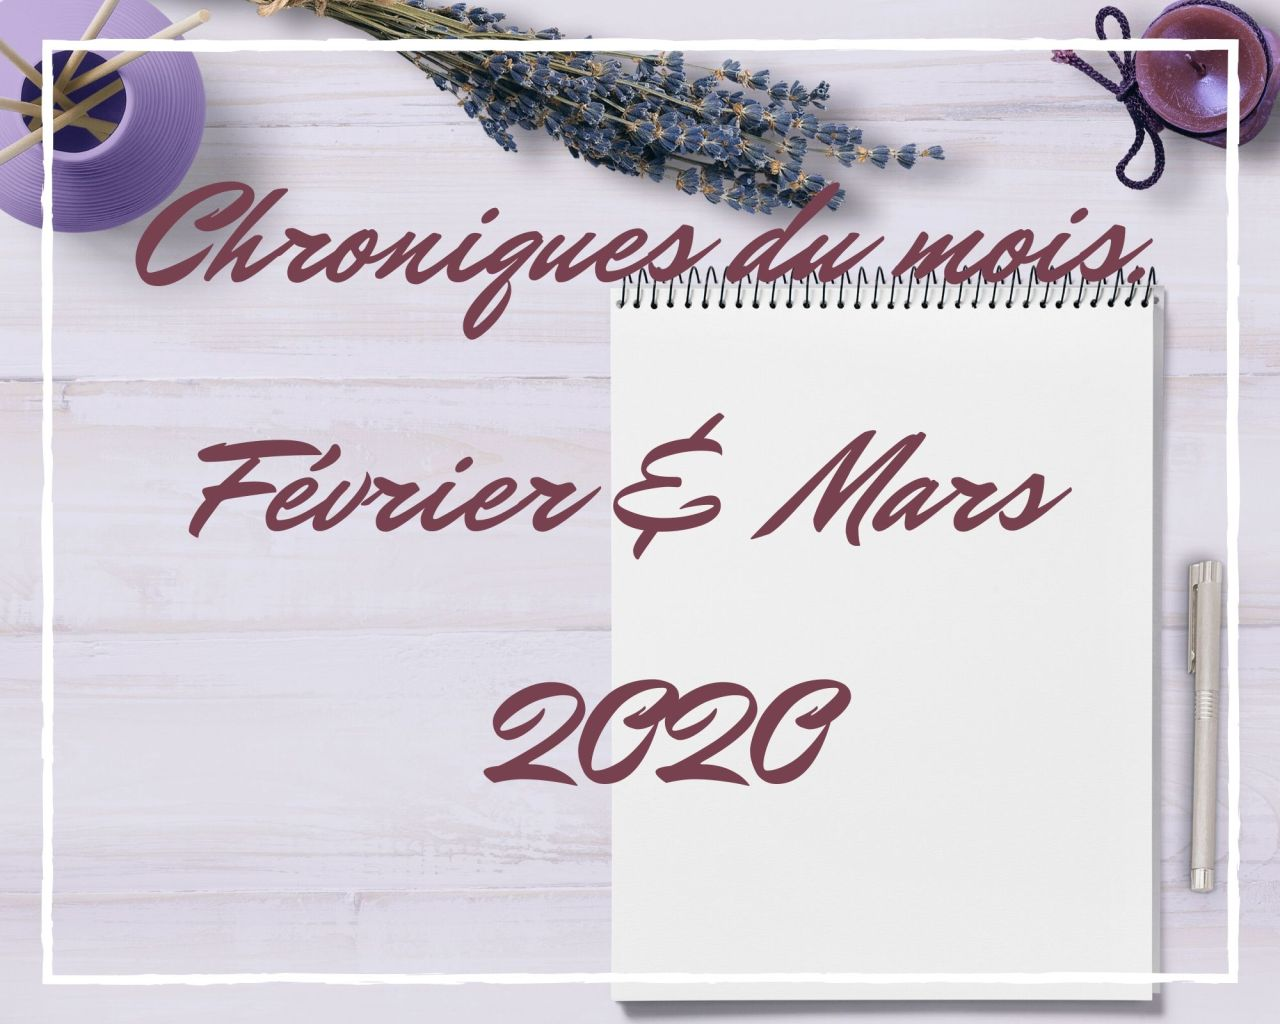 Chroniques du mois – Février & Mars2020